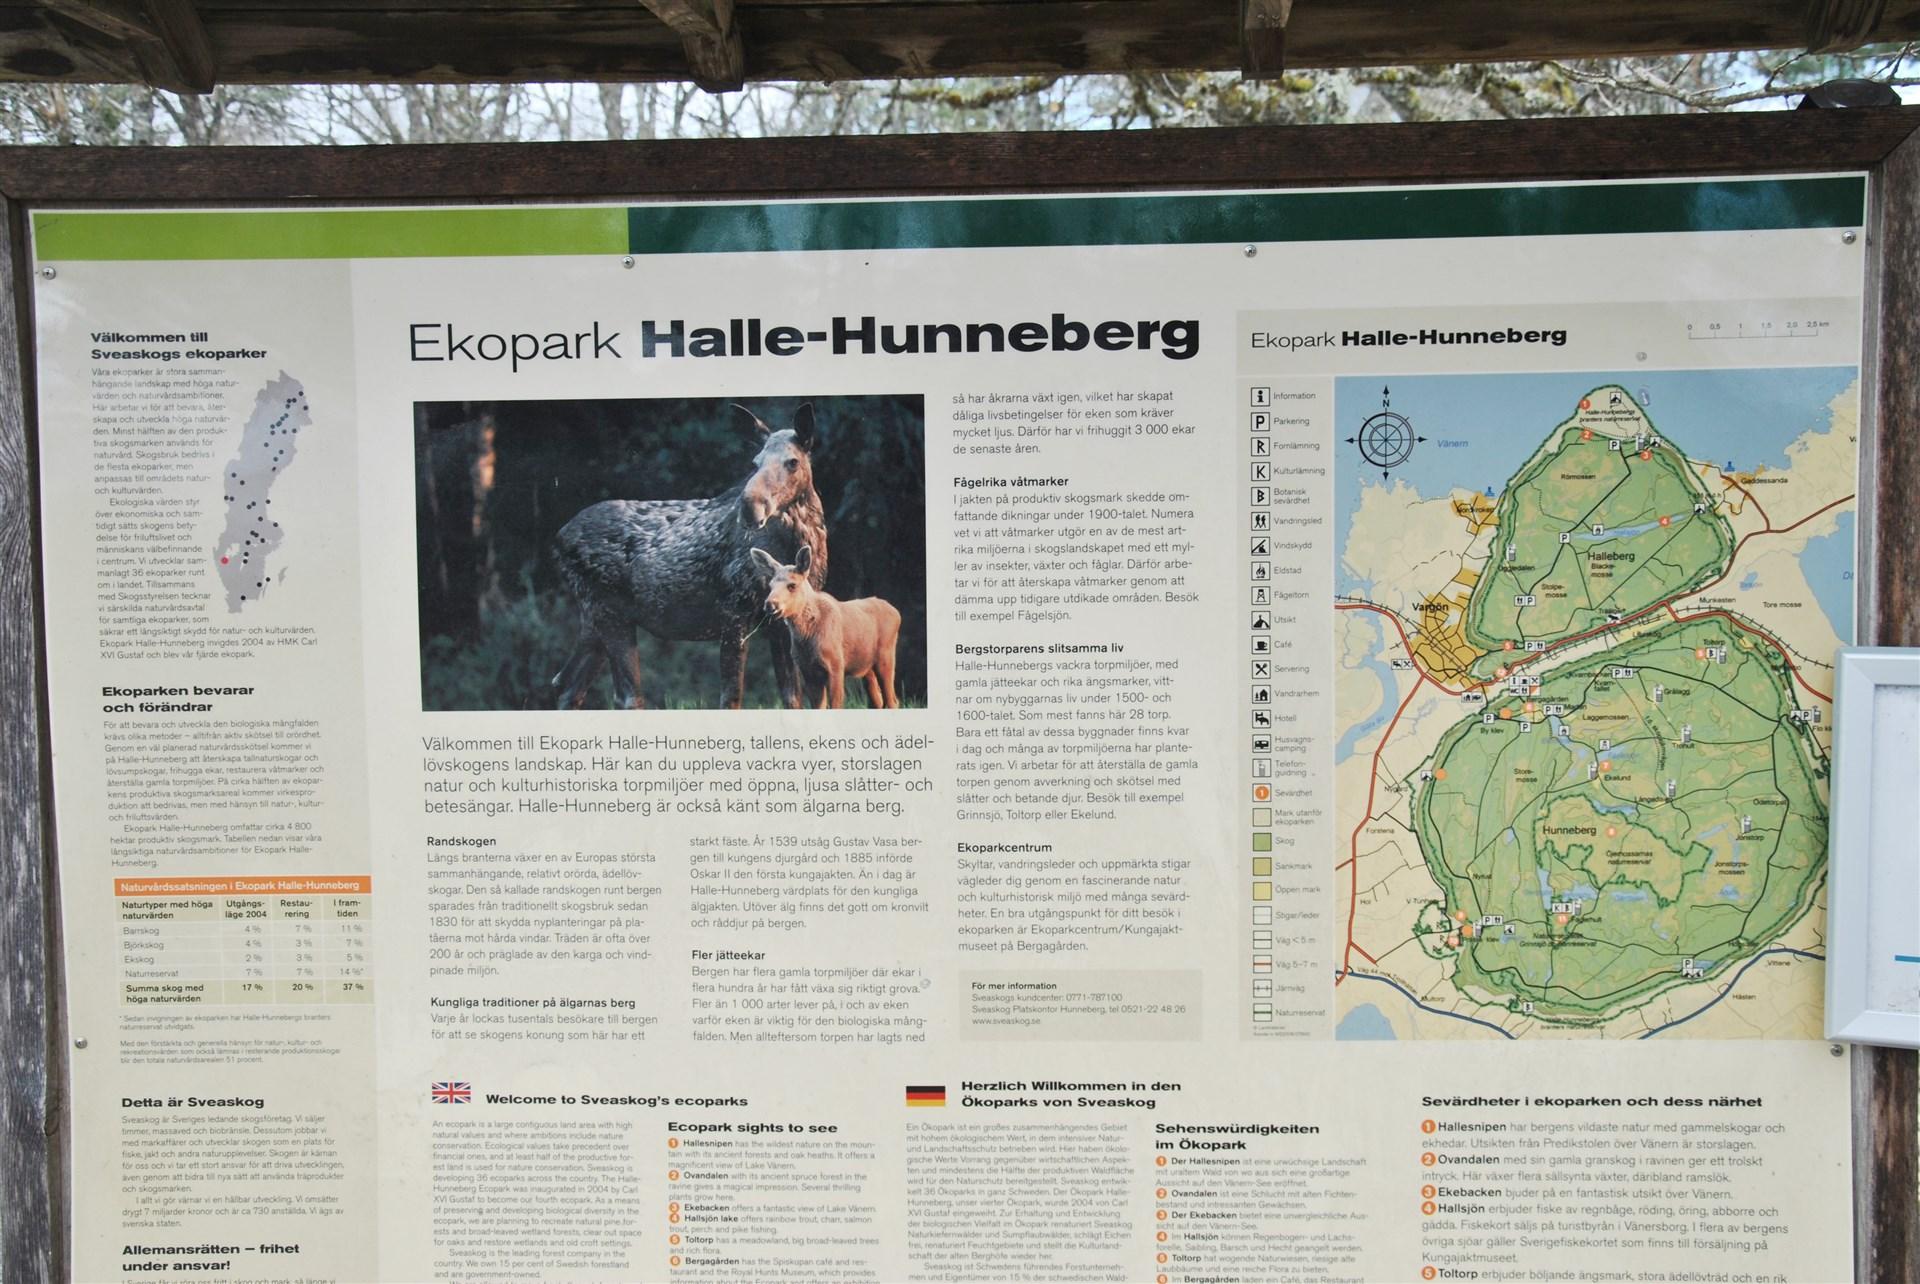 Halle- och Hunneberg erbjuder fina strövområden och flera utflyktsmål